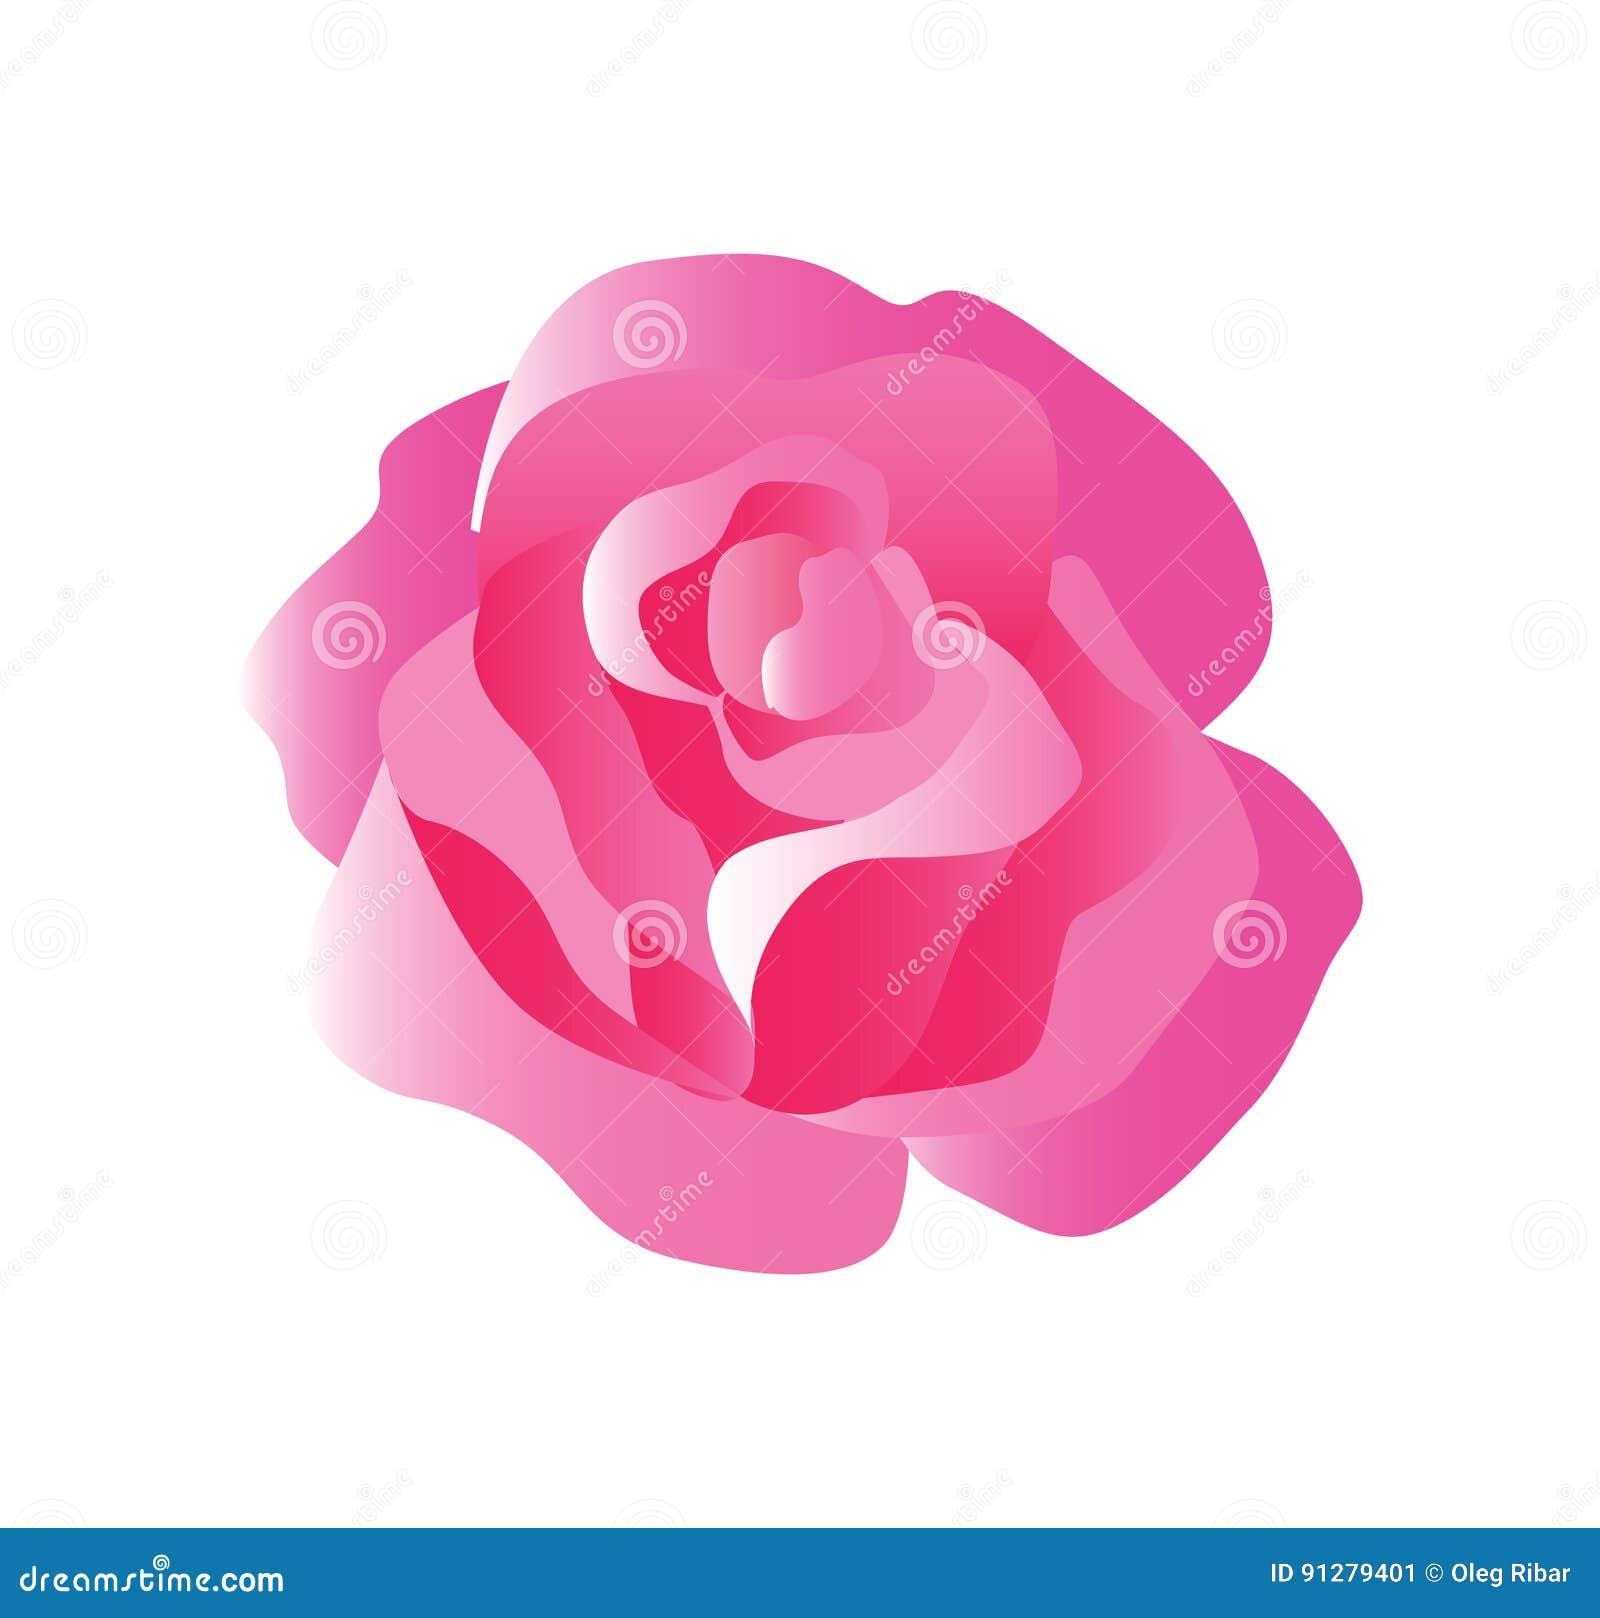 Mjuka Rose Blossom i allsidiga toner av rött, rosa färger och vit